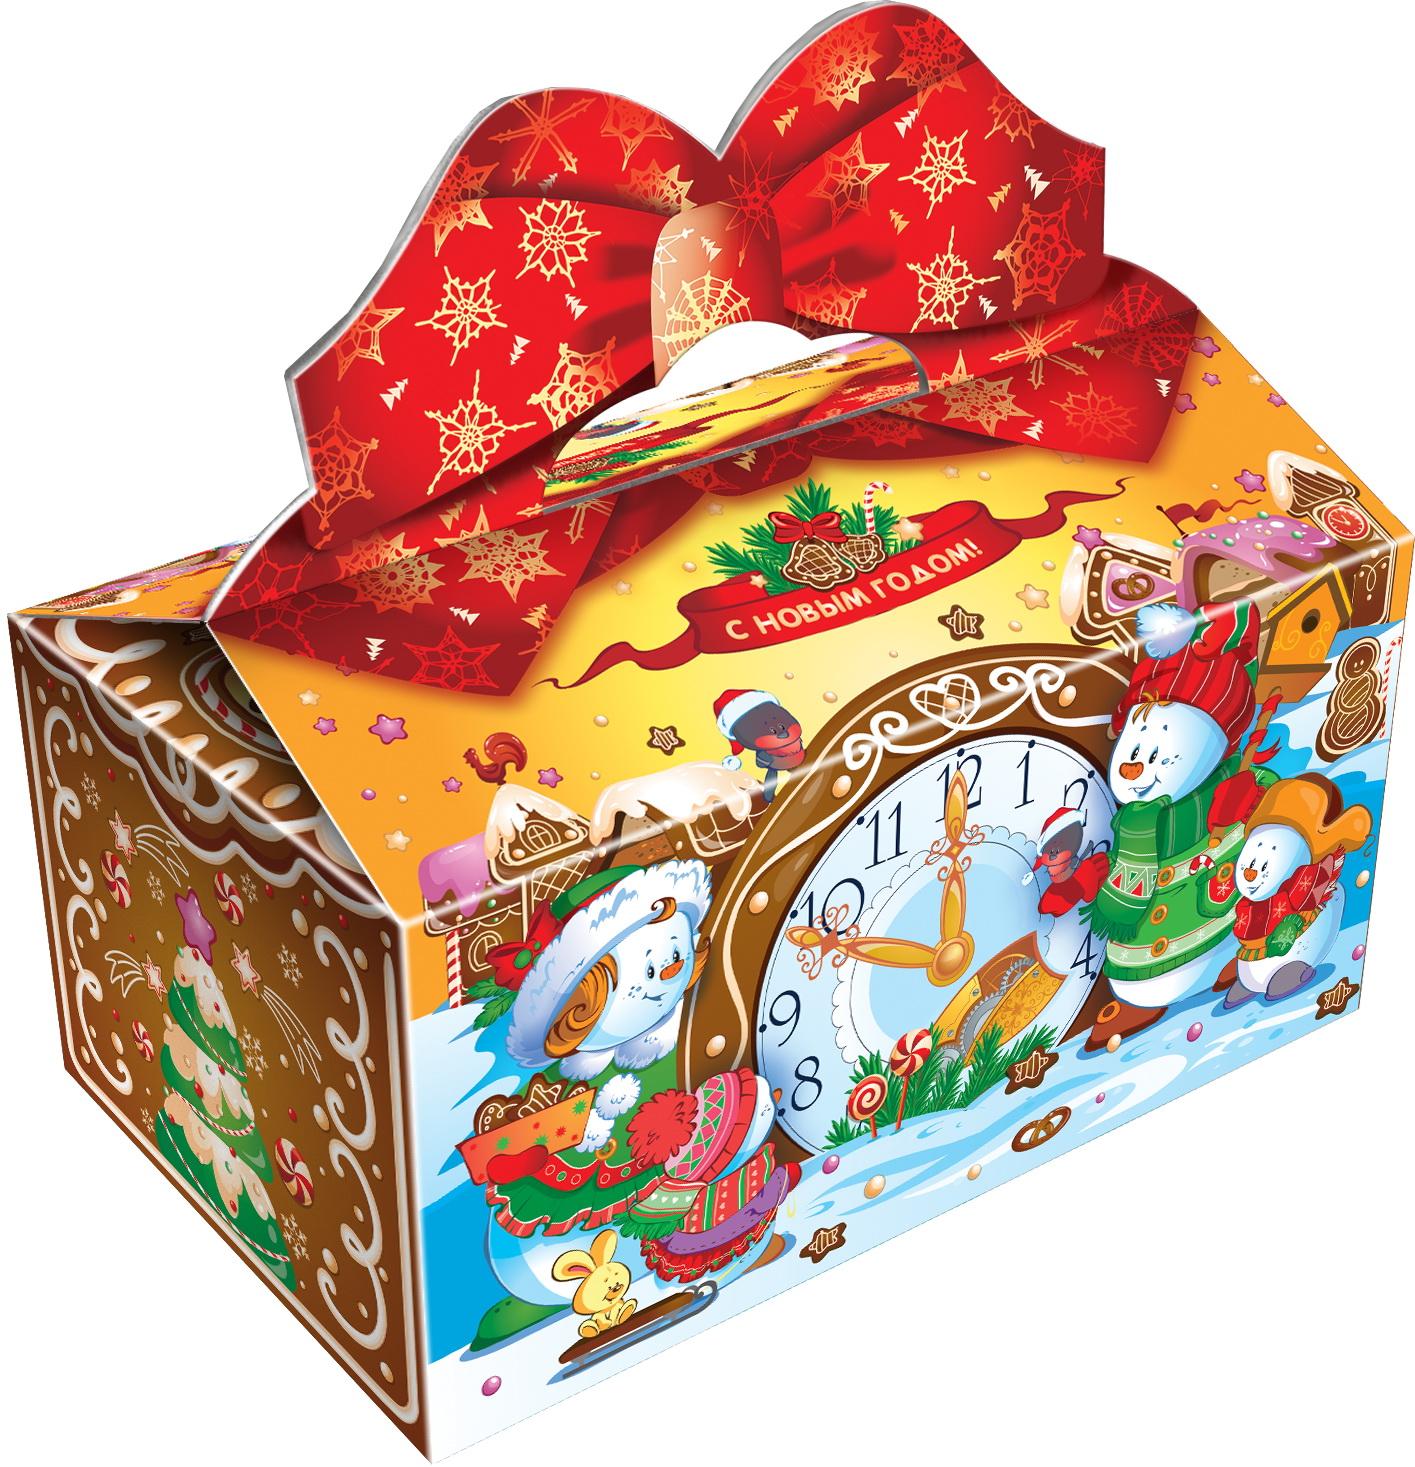 Цена на новогодние подарки конфеты